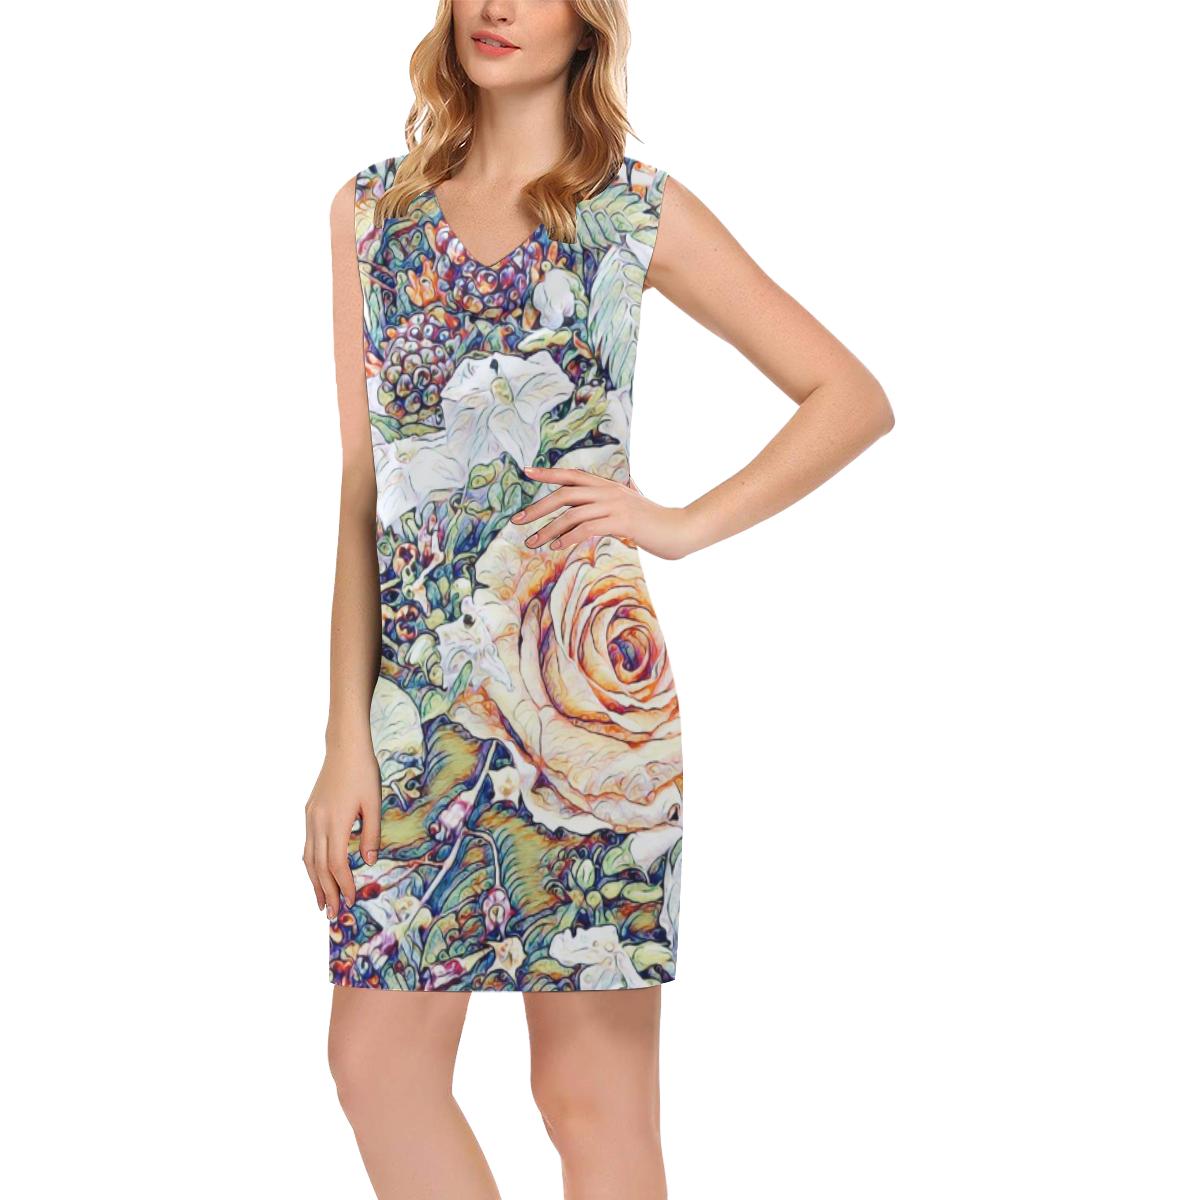 Impression Floral 10191 by JamColors Phoebe Sleeveless V-Neck Dress (Model D09)